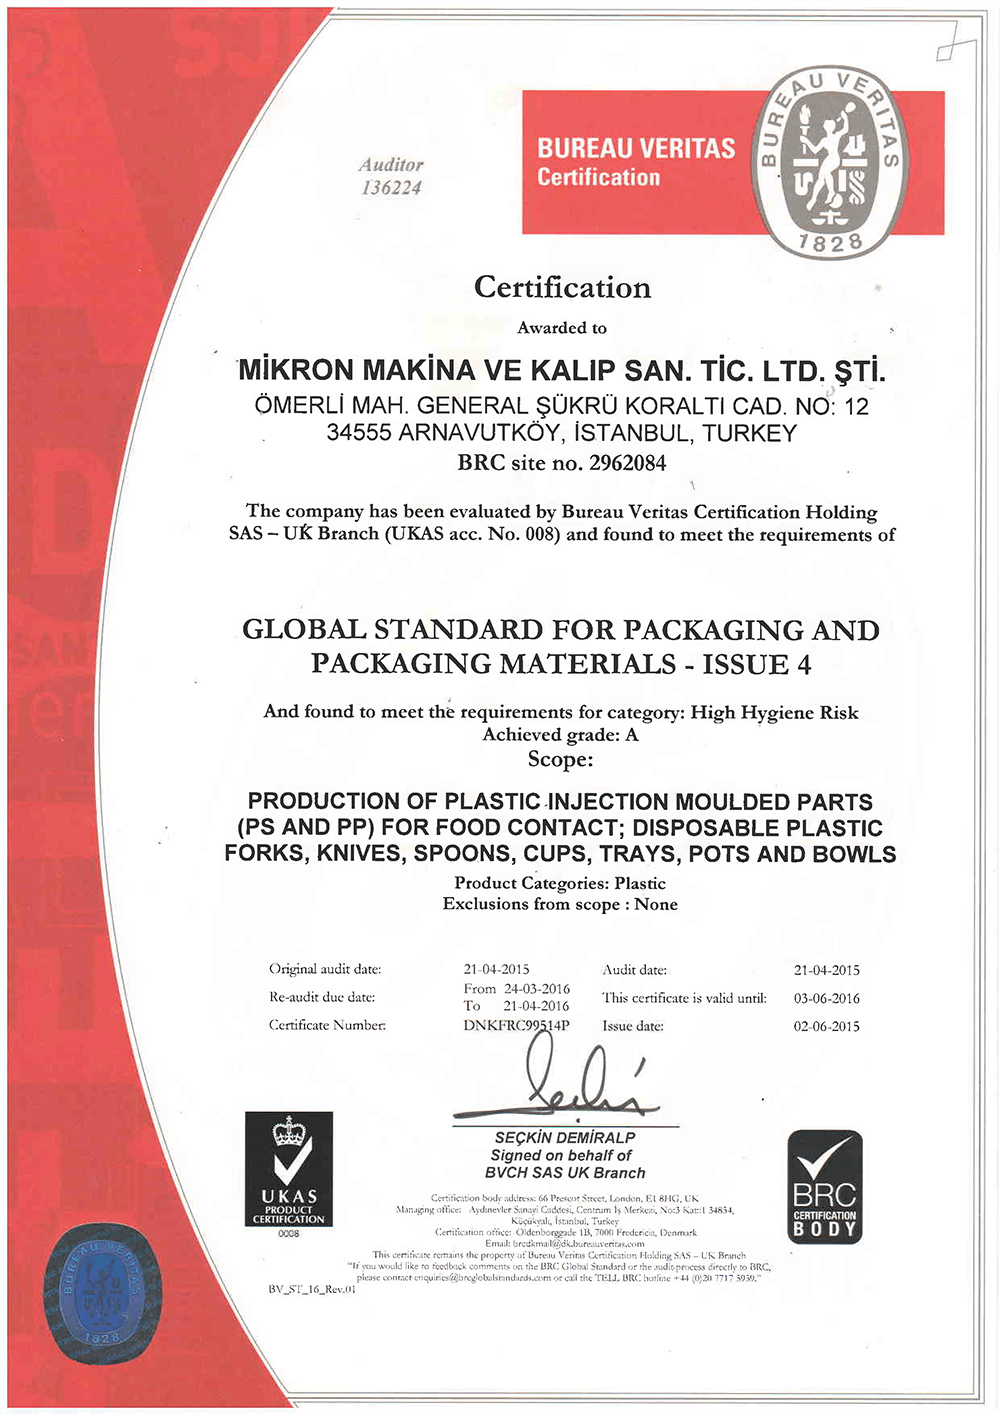 mikron-makina-sertifika-1